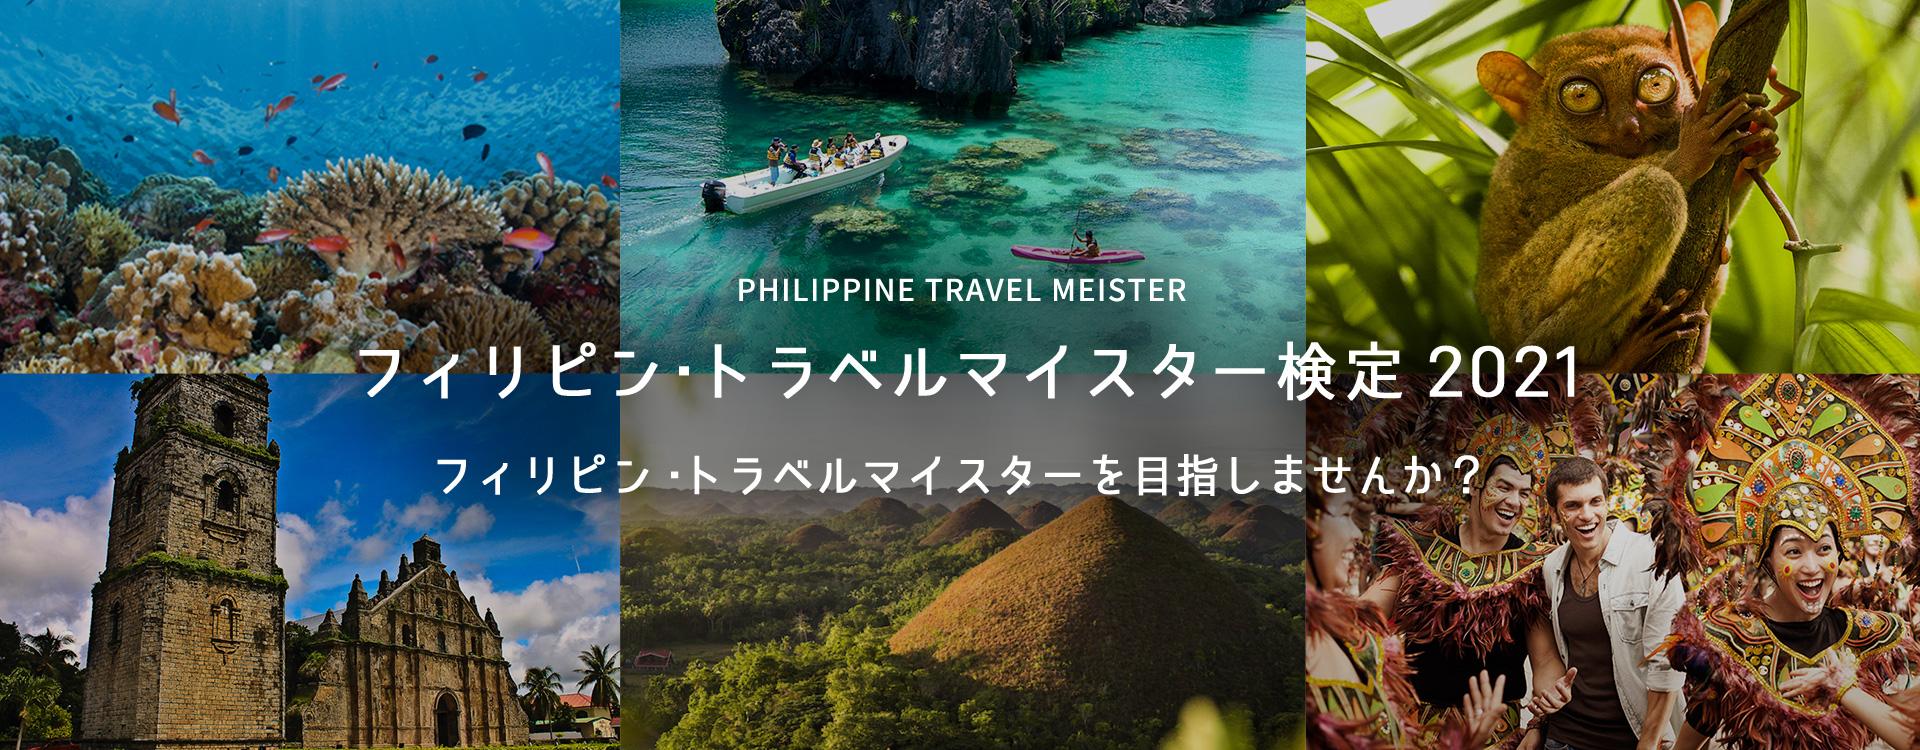 フィリピン・トラベルマイスター検定2021